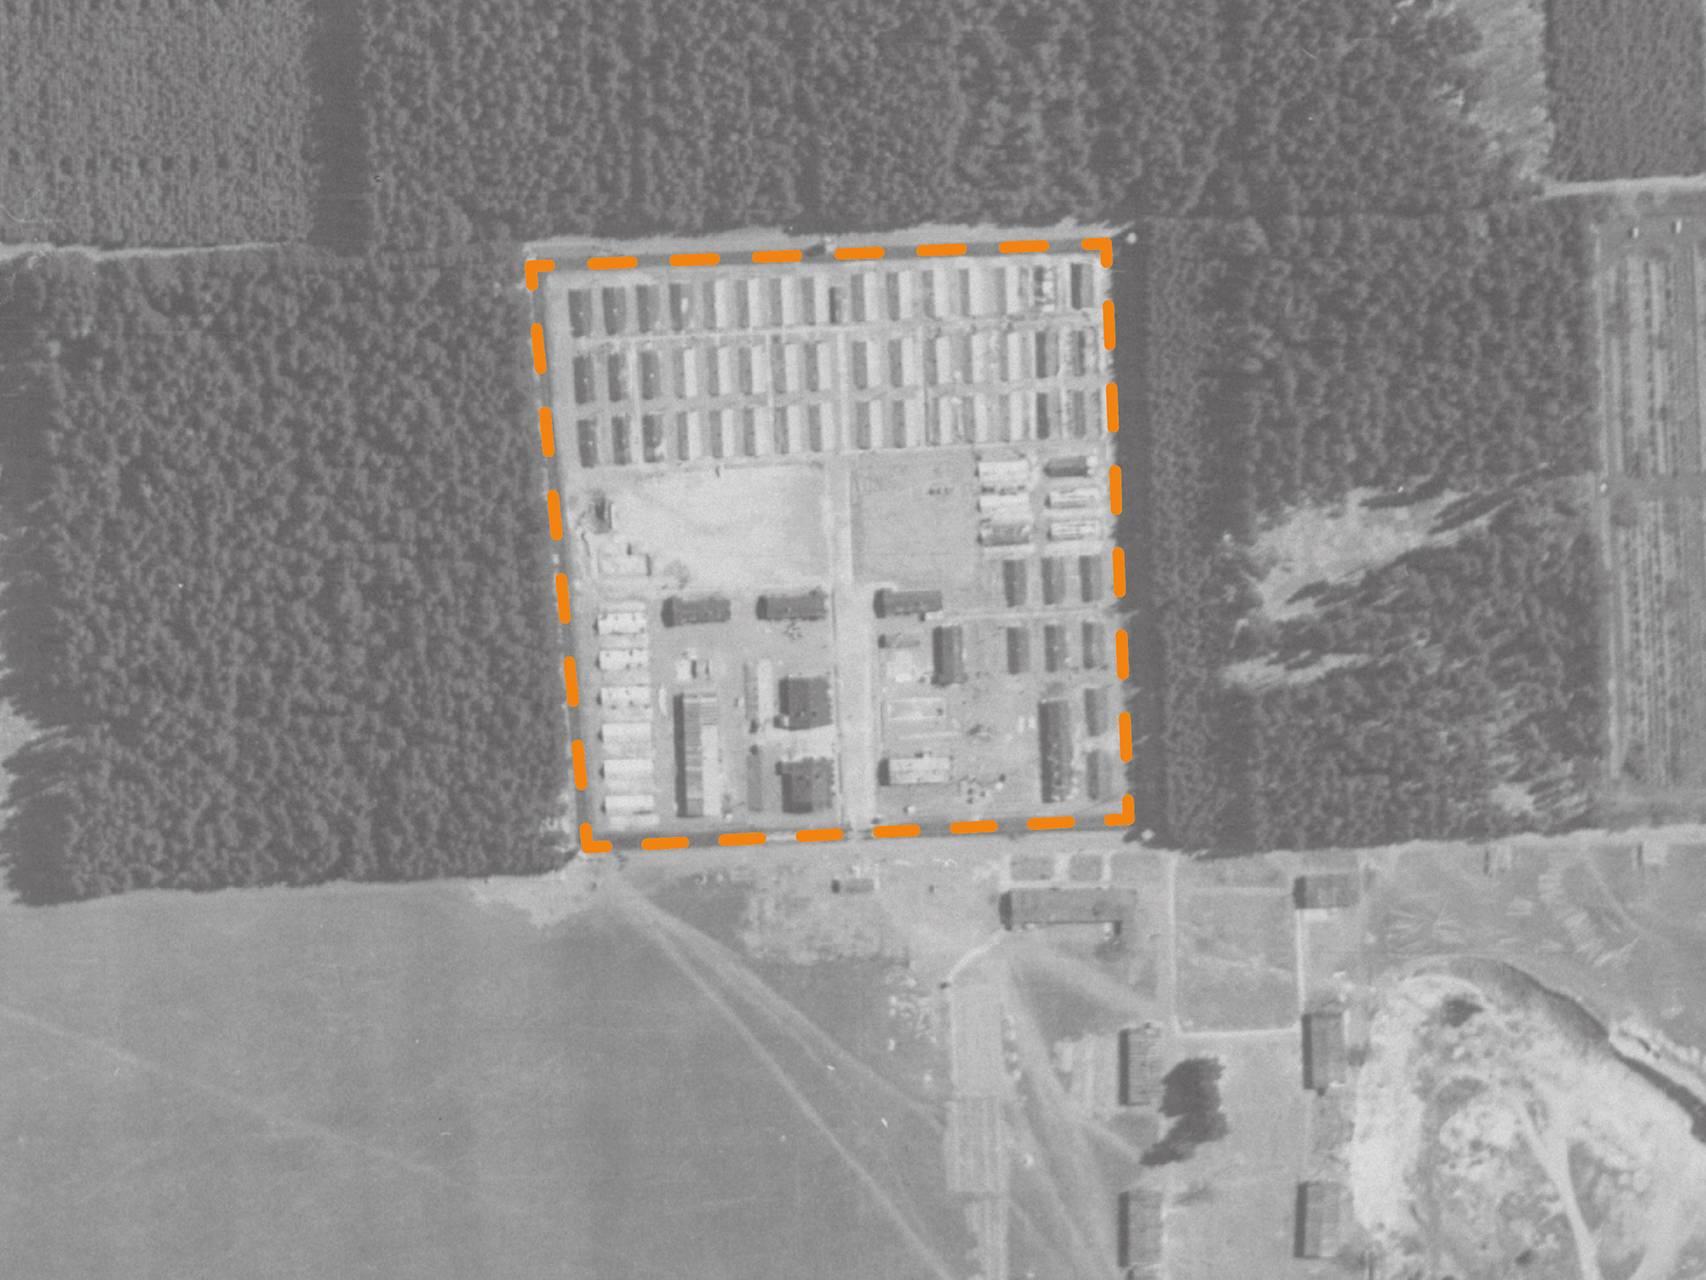 Luftbildaufnahme des KZ-Lagers Kaufering II.